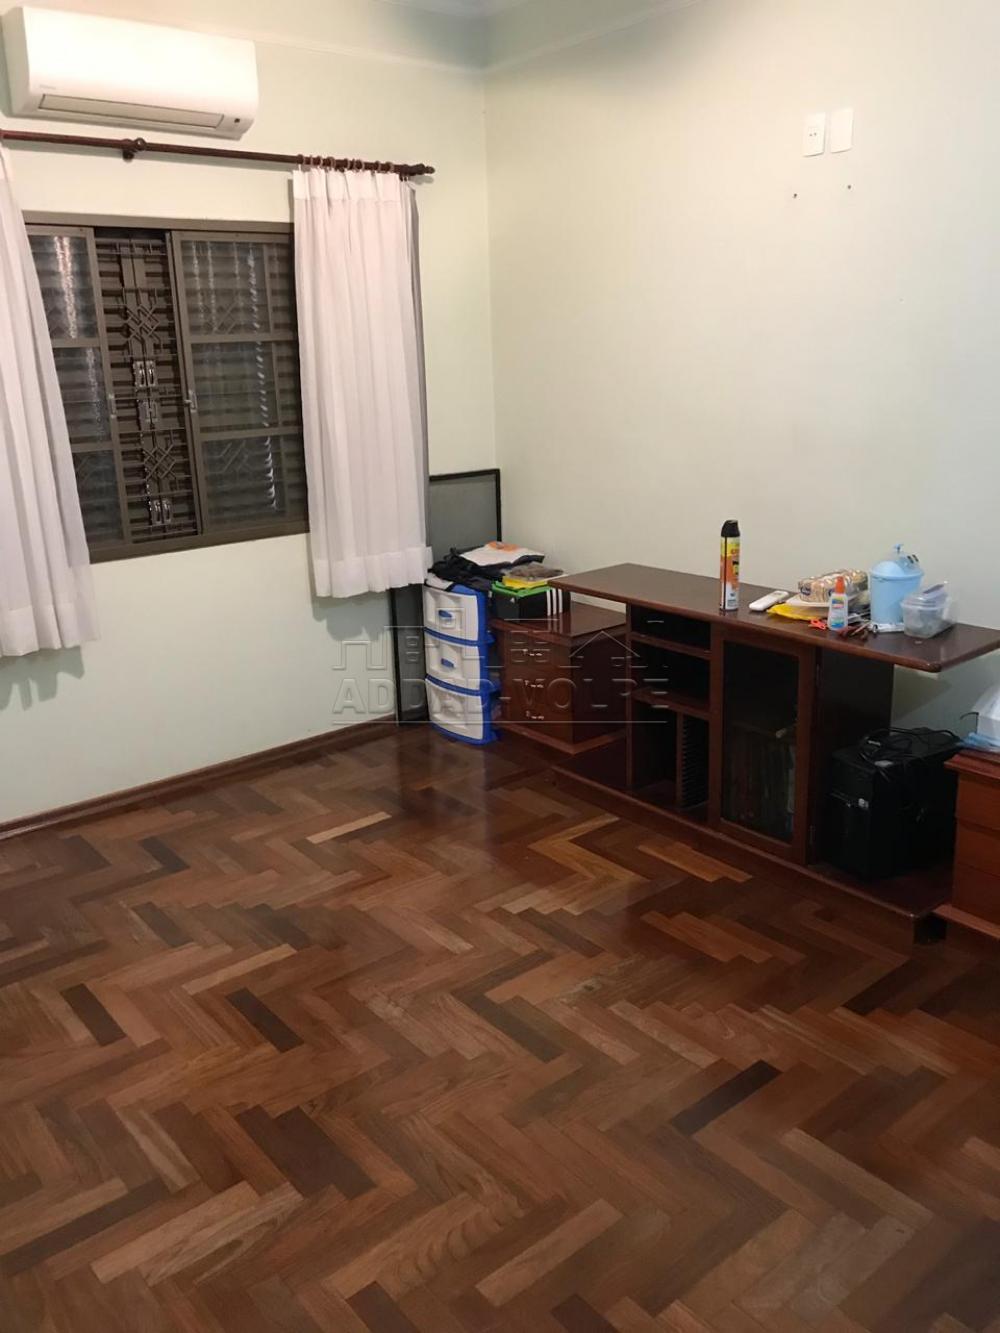 Comprar Casa / Sobrado em Bauru apenas R$ 1.000.000,00 - Foto 16